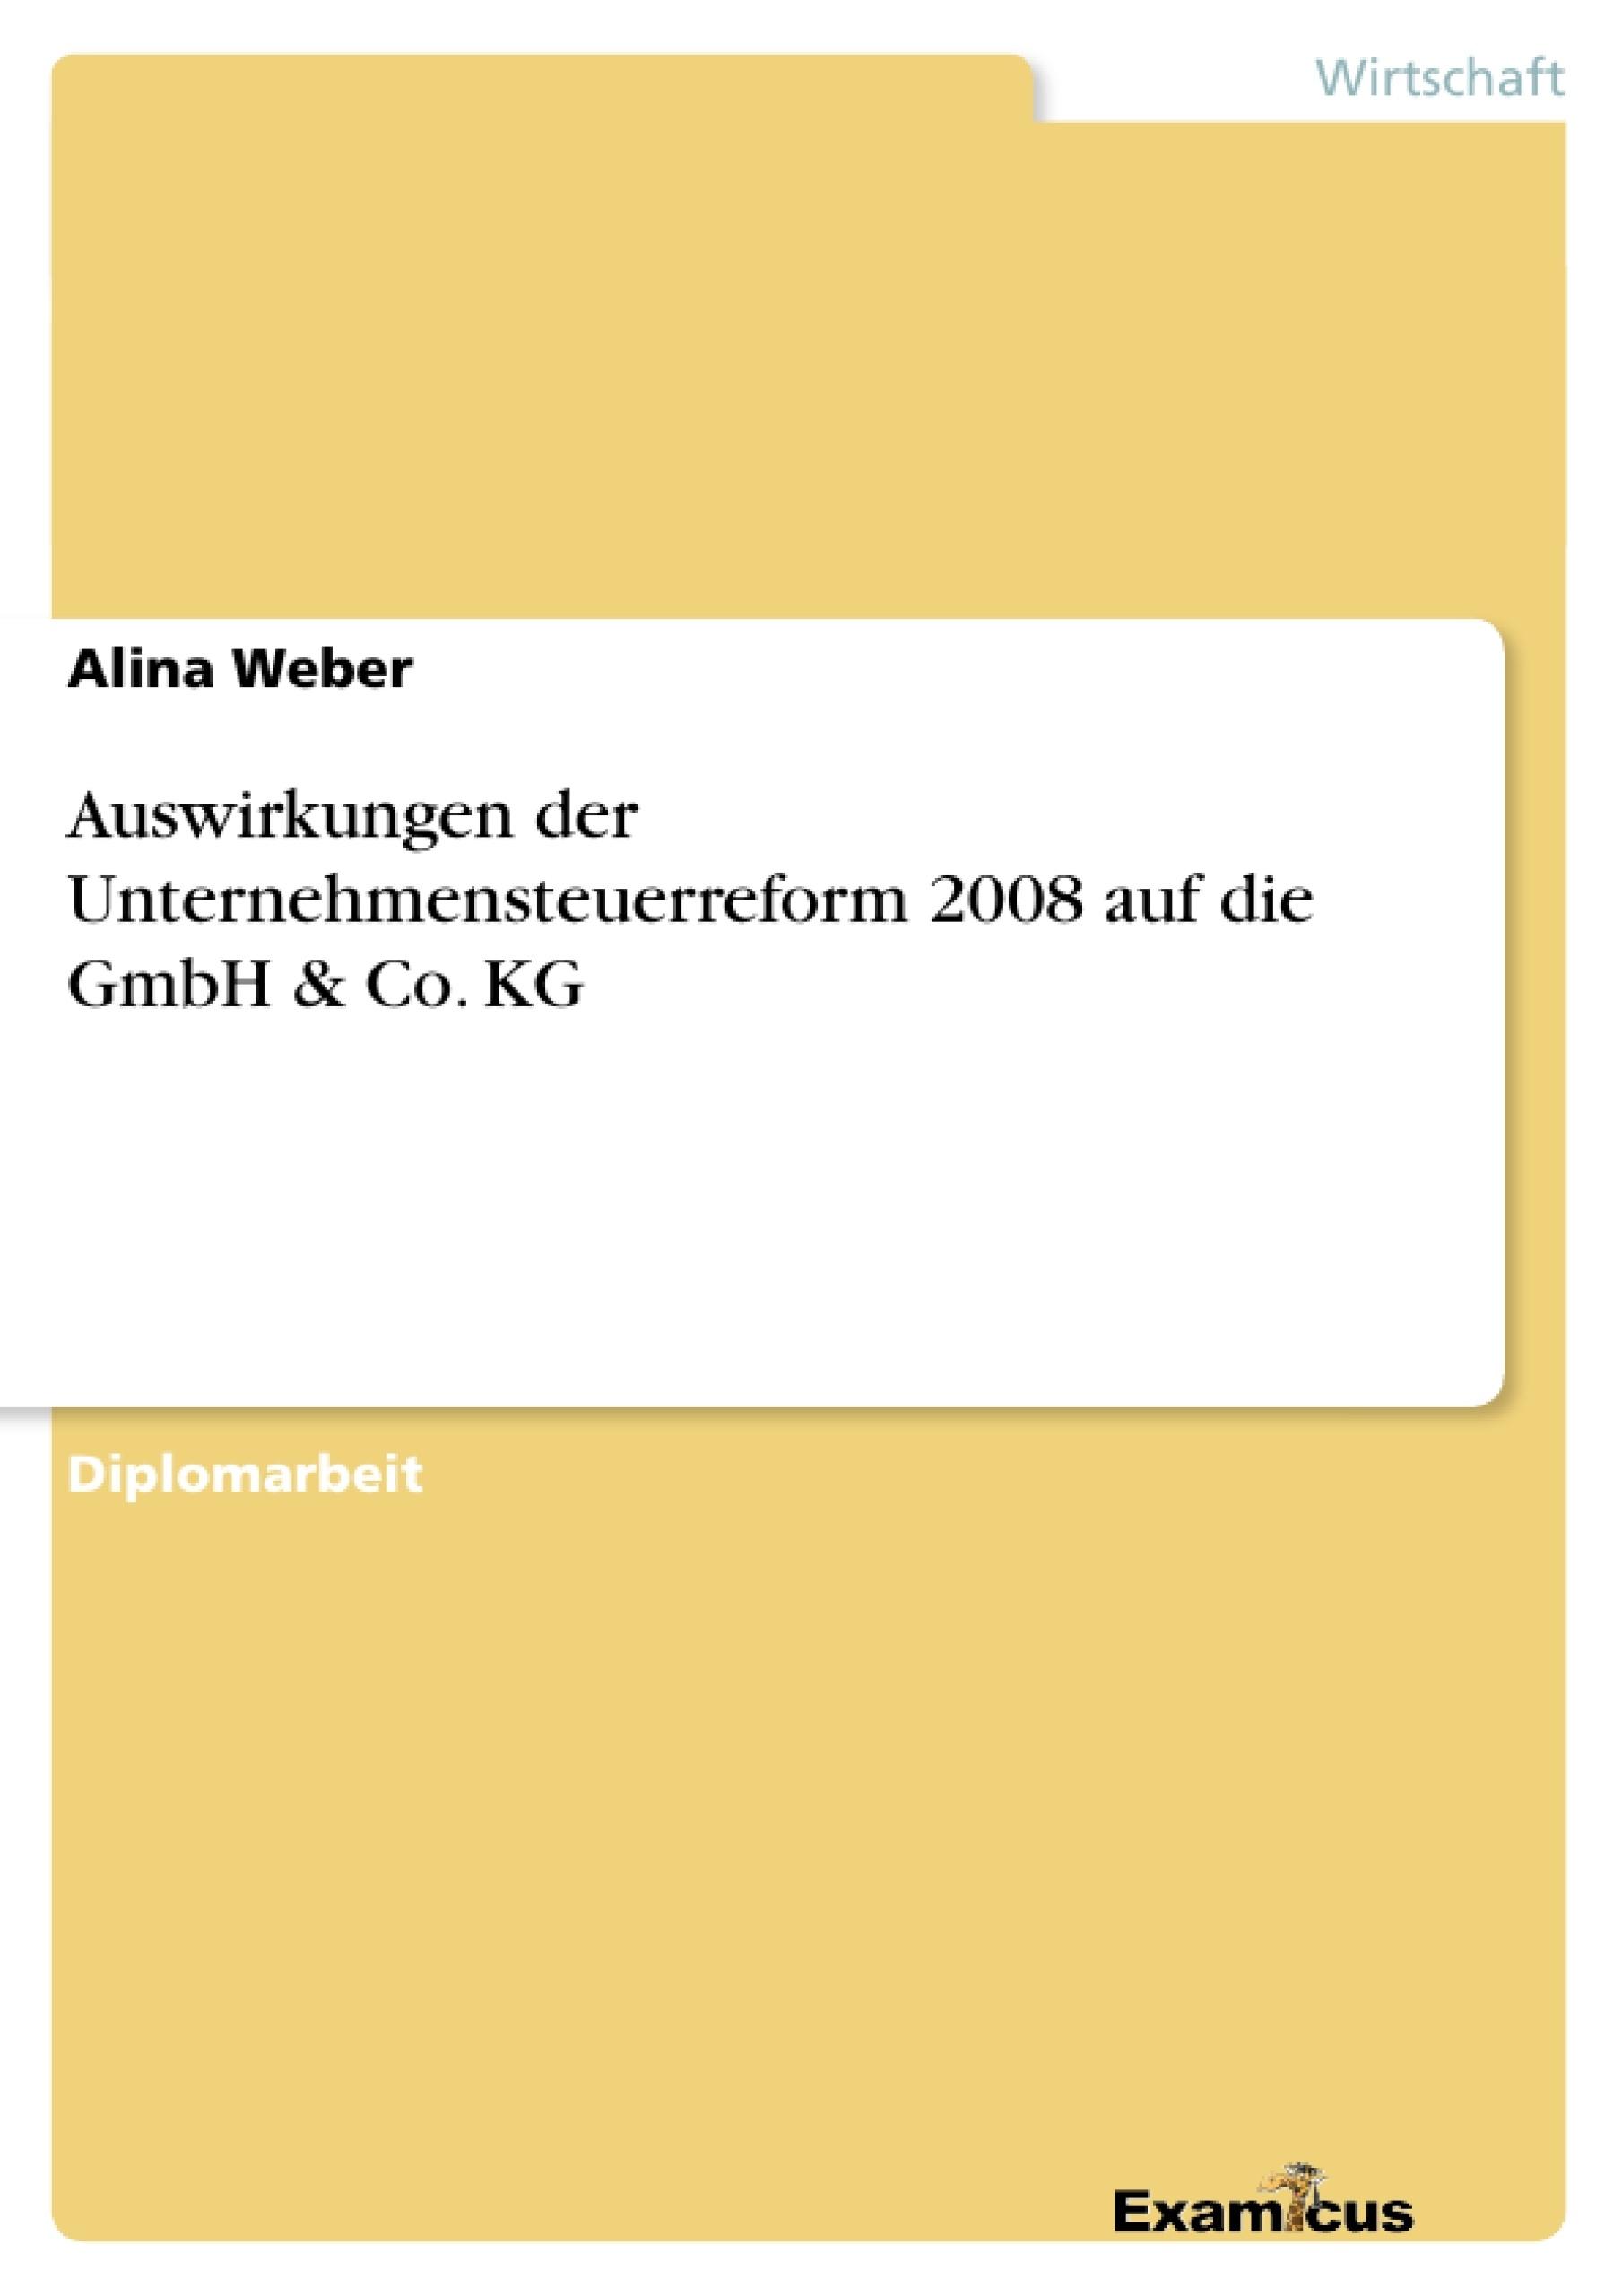 Titel: Auswirkungen der Unternehmensteuerreform 2008 auf die GmbH & Co. KG